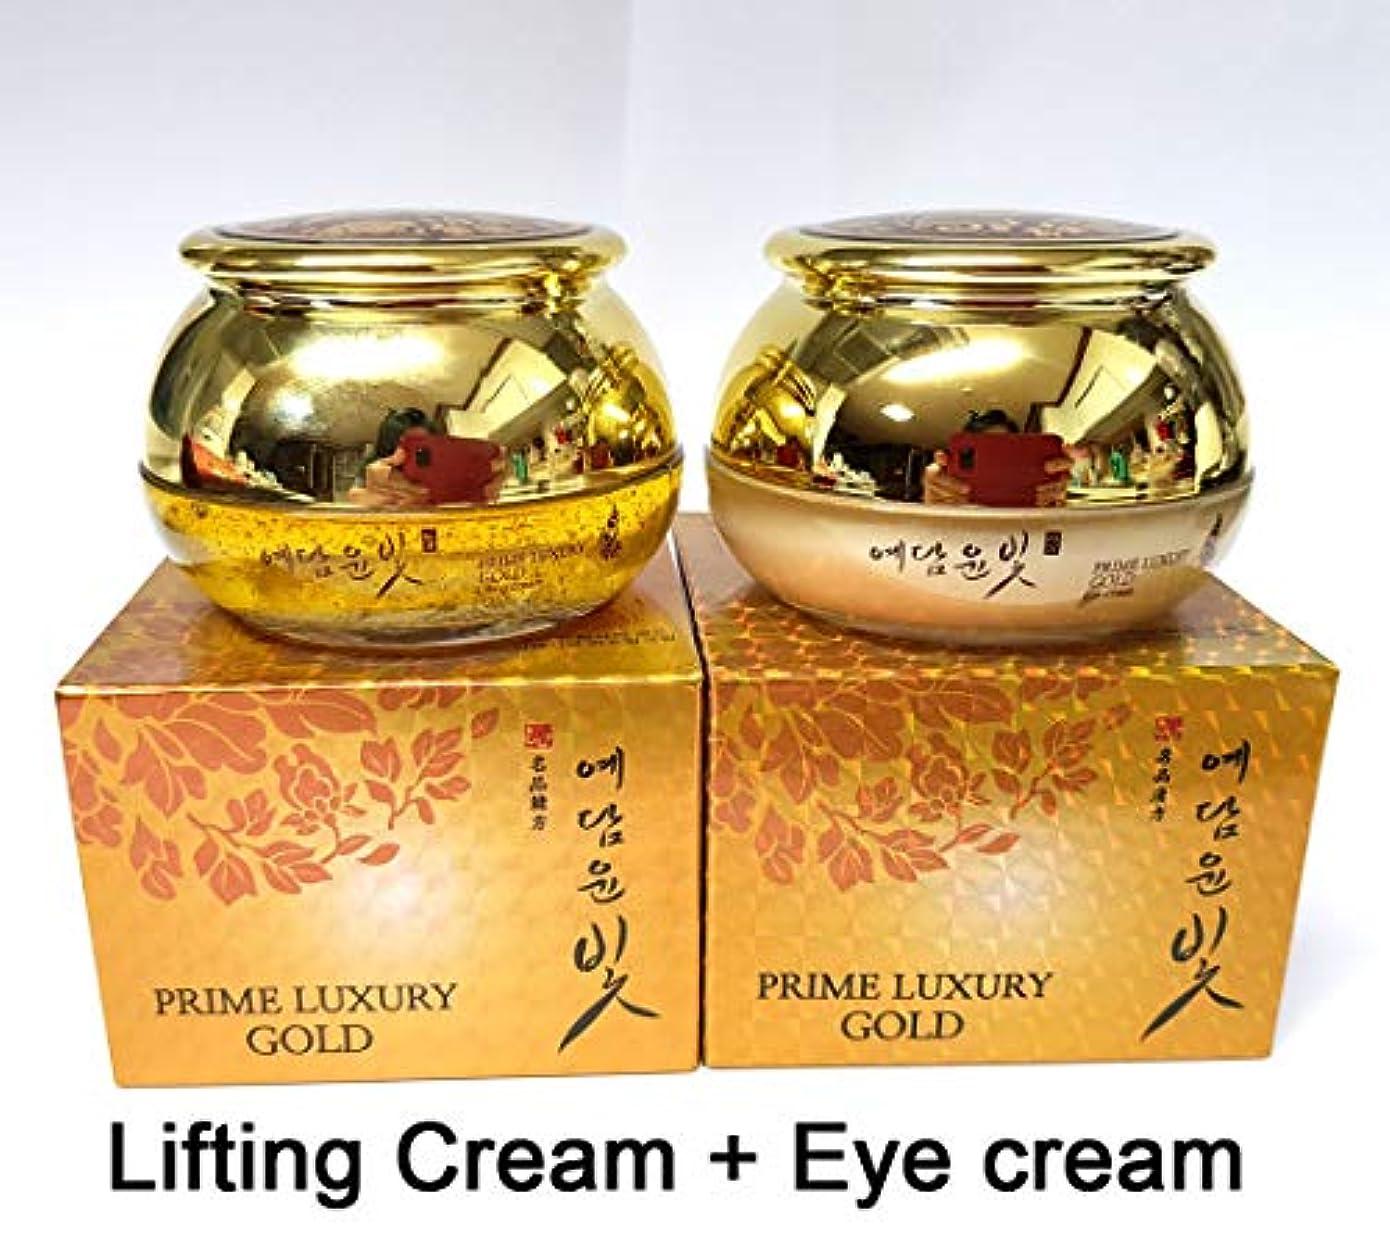 デンプシーくそー辛な[YEDAM YUNBIT]プライムラグジュアリーゴールドリフティングクリーム50g + プライムラグジュアリーゴールドインテンシブアイクリーム50g/ Prime Luxury Gold Lifting Cream 50g...